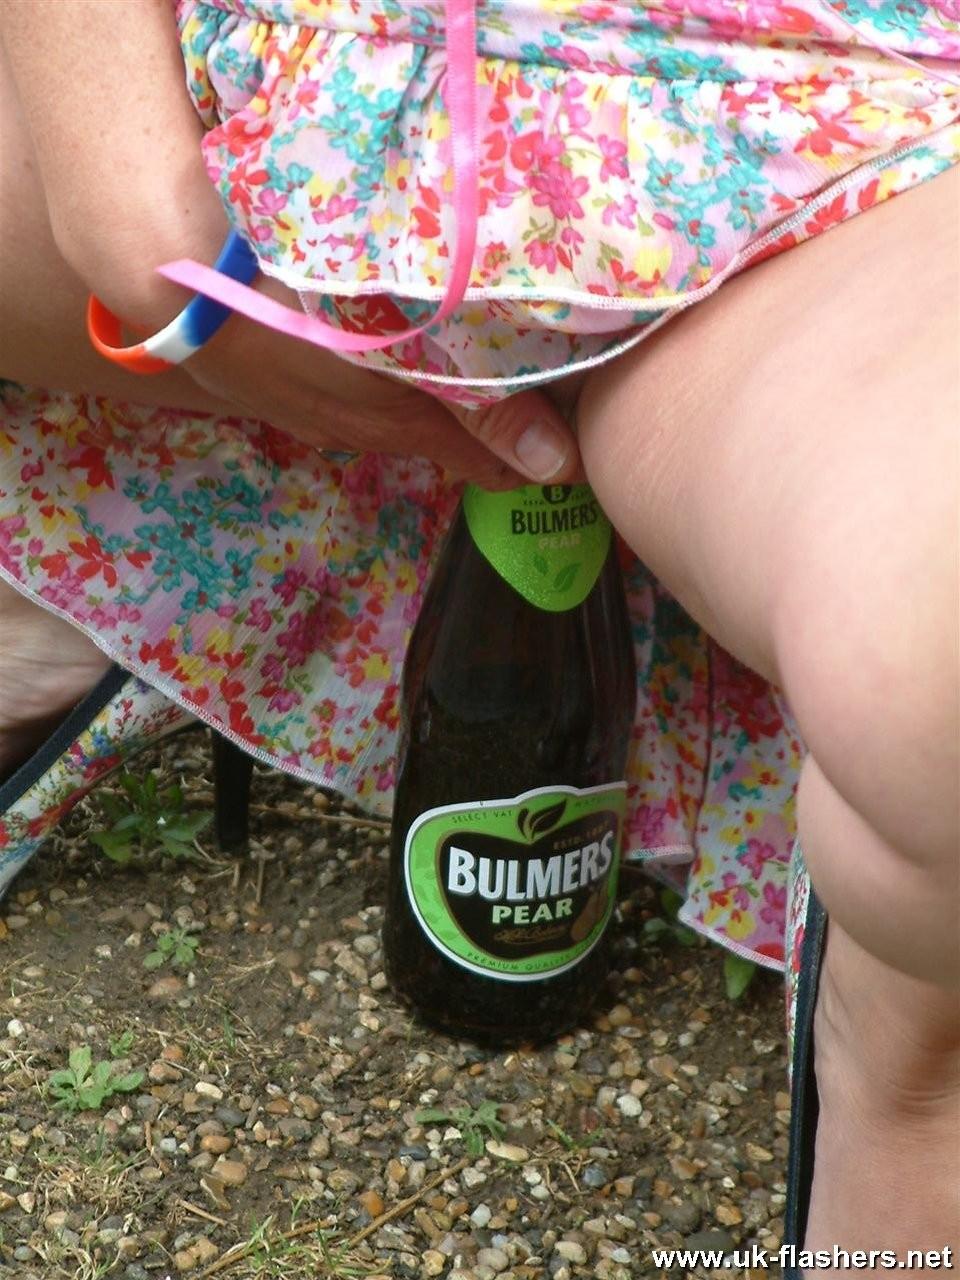 Развратная домохозяйка теребит свою киску, чтобы выделилась смазка, затем садится на горлышко бутылки